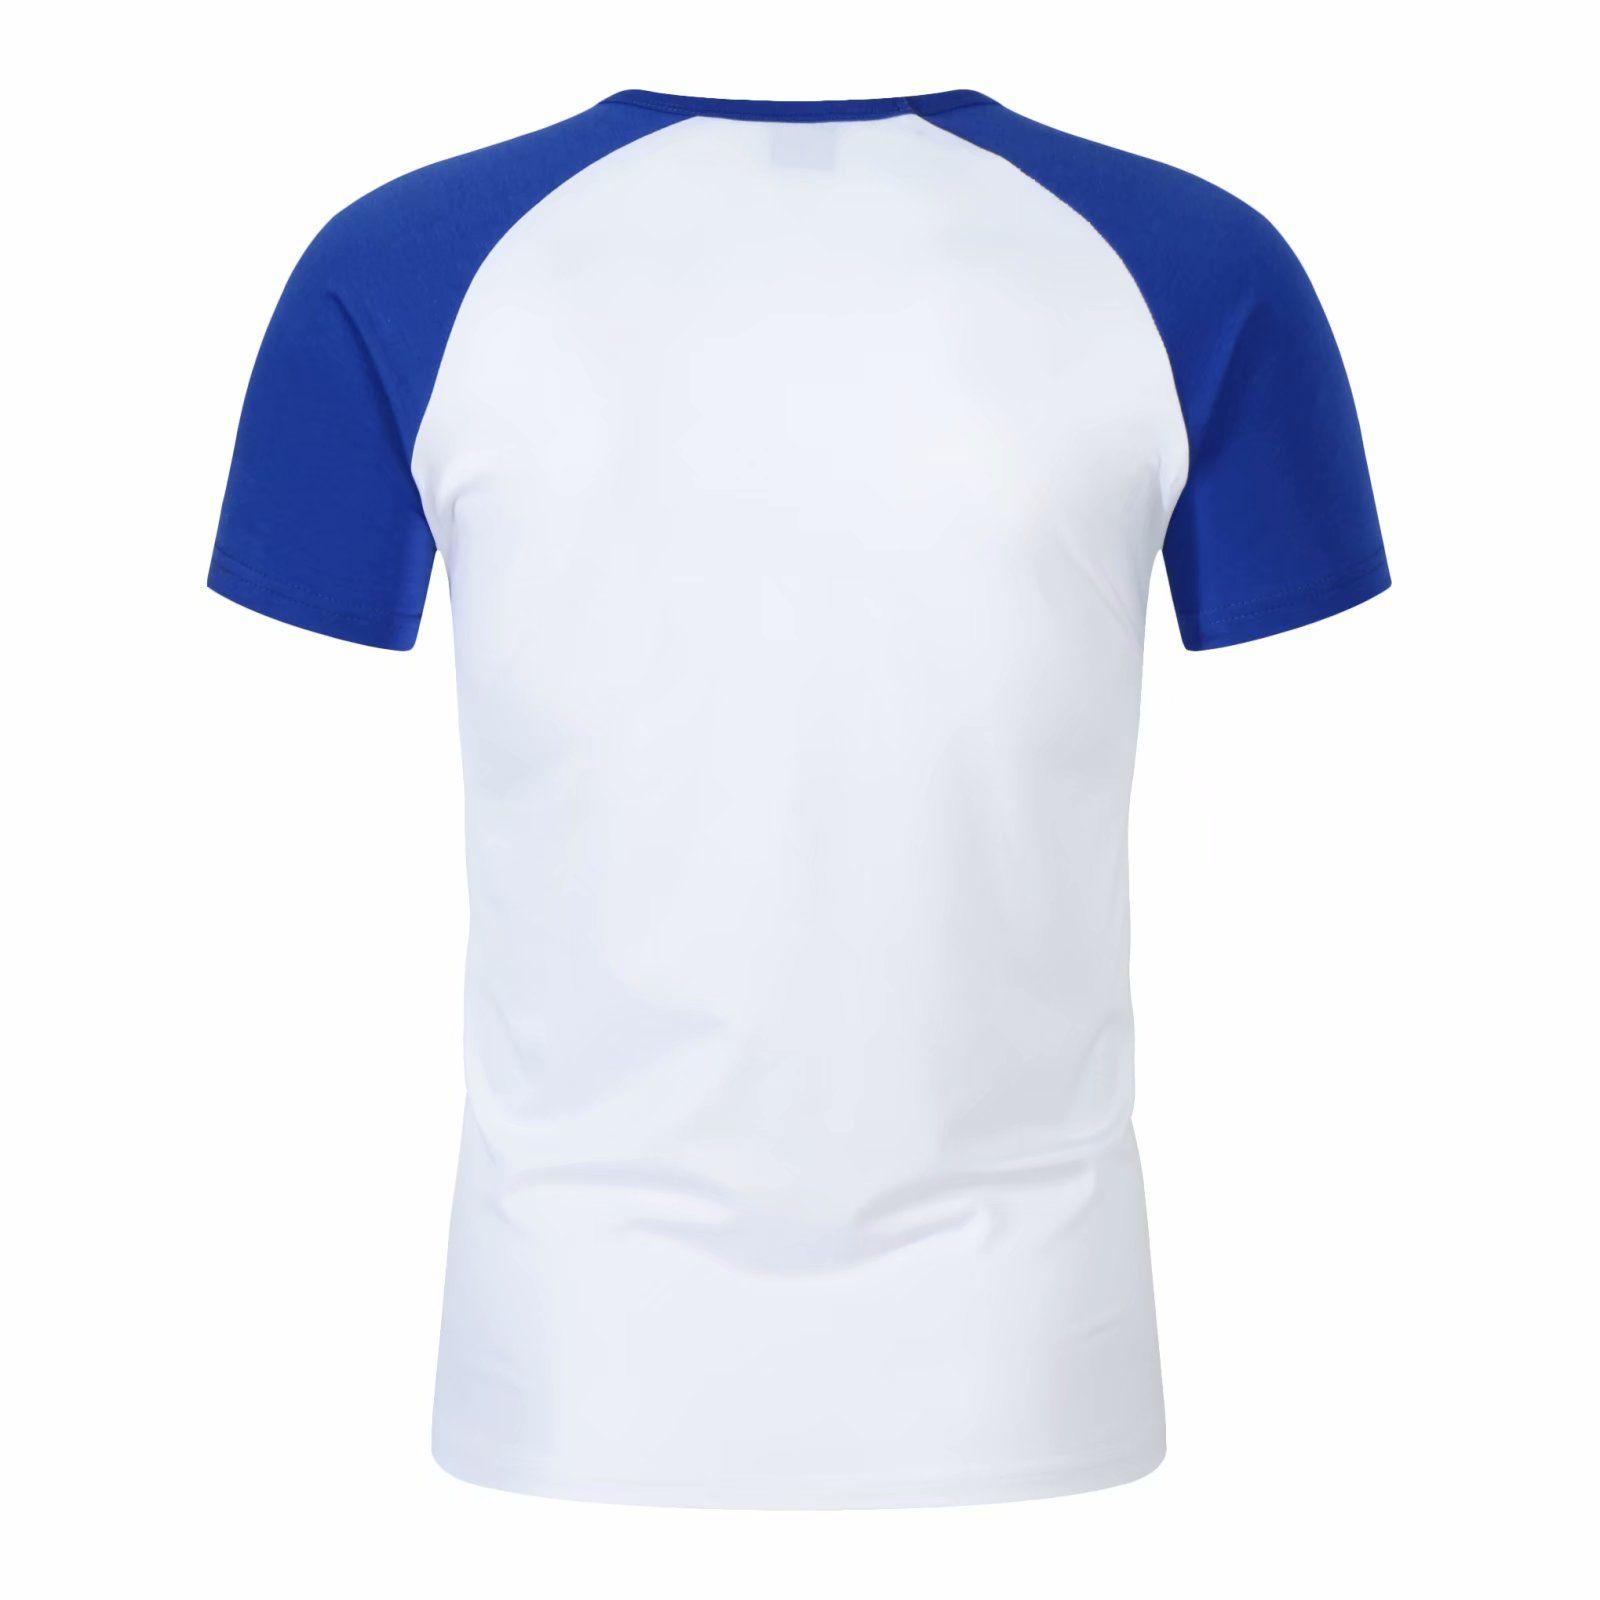 2021 2022 عادي التخصيص لكرة القدم جيرسي 21 22 تدريب قميص كرة القدم الرياضة ارتداء AAA247